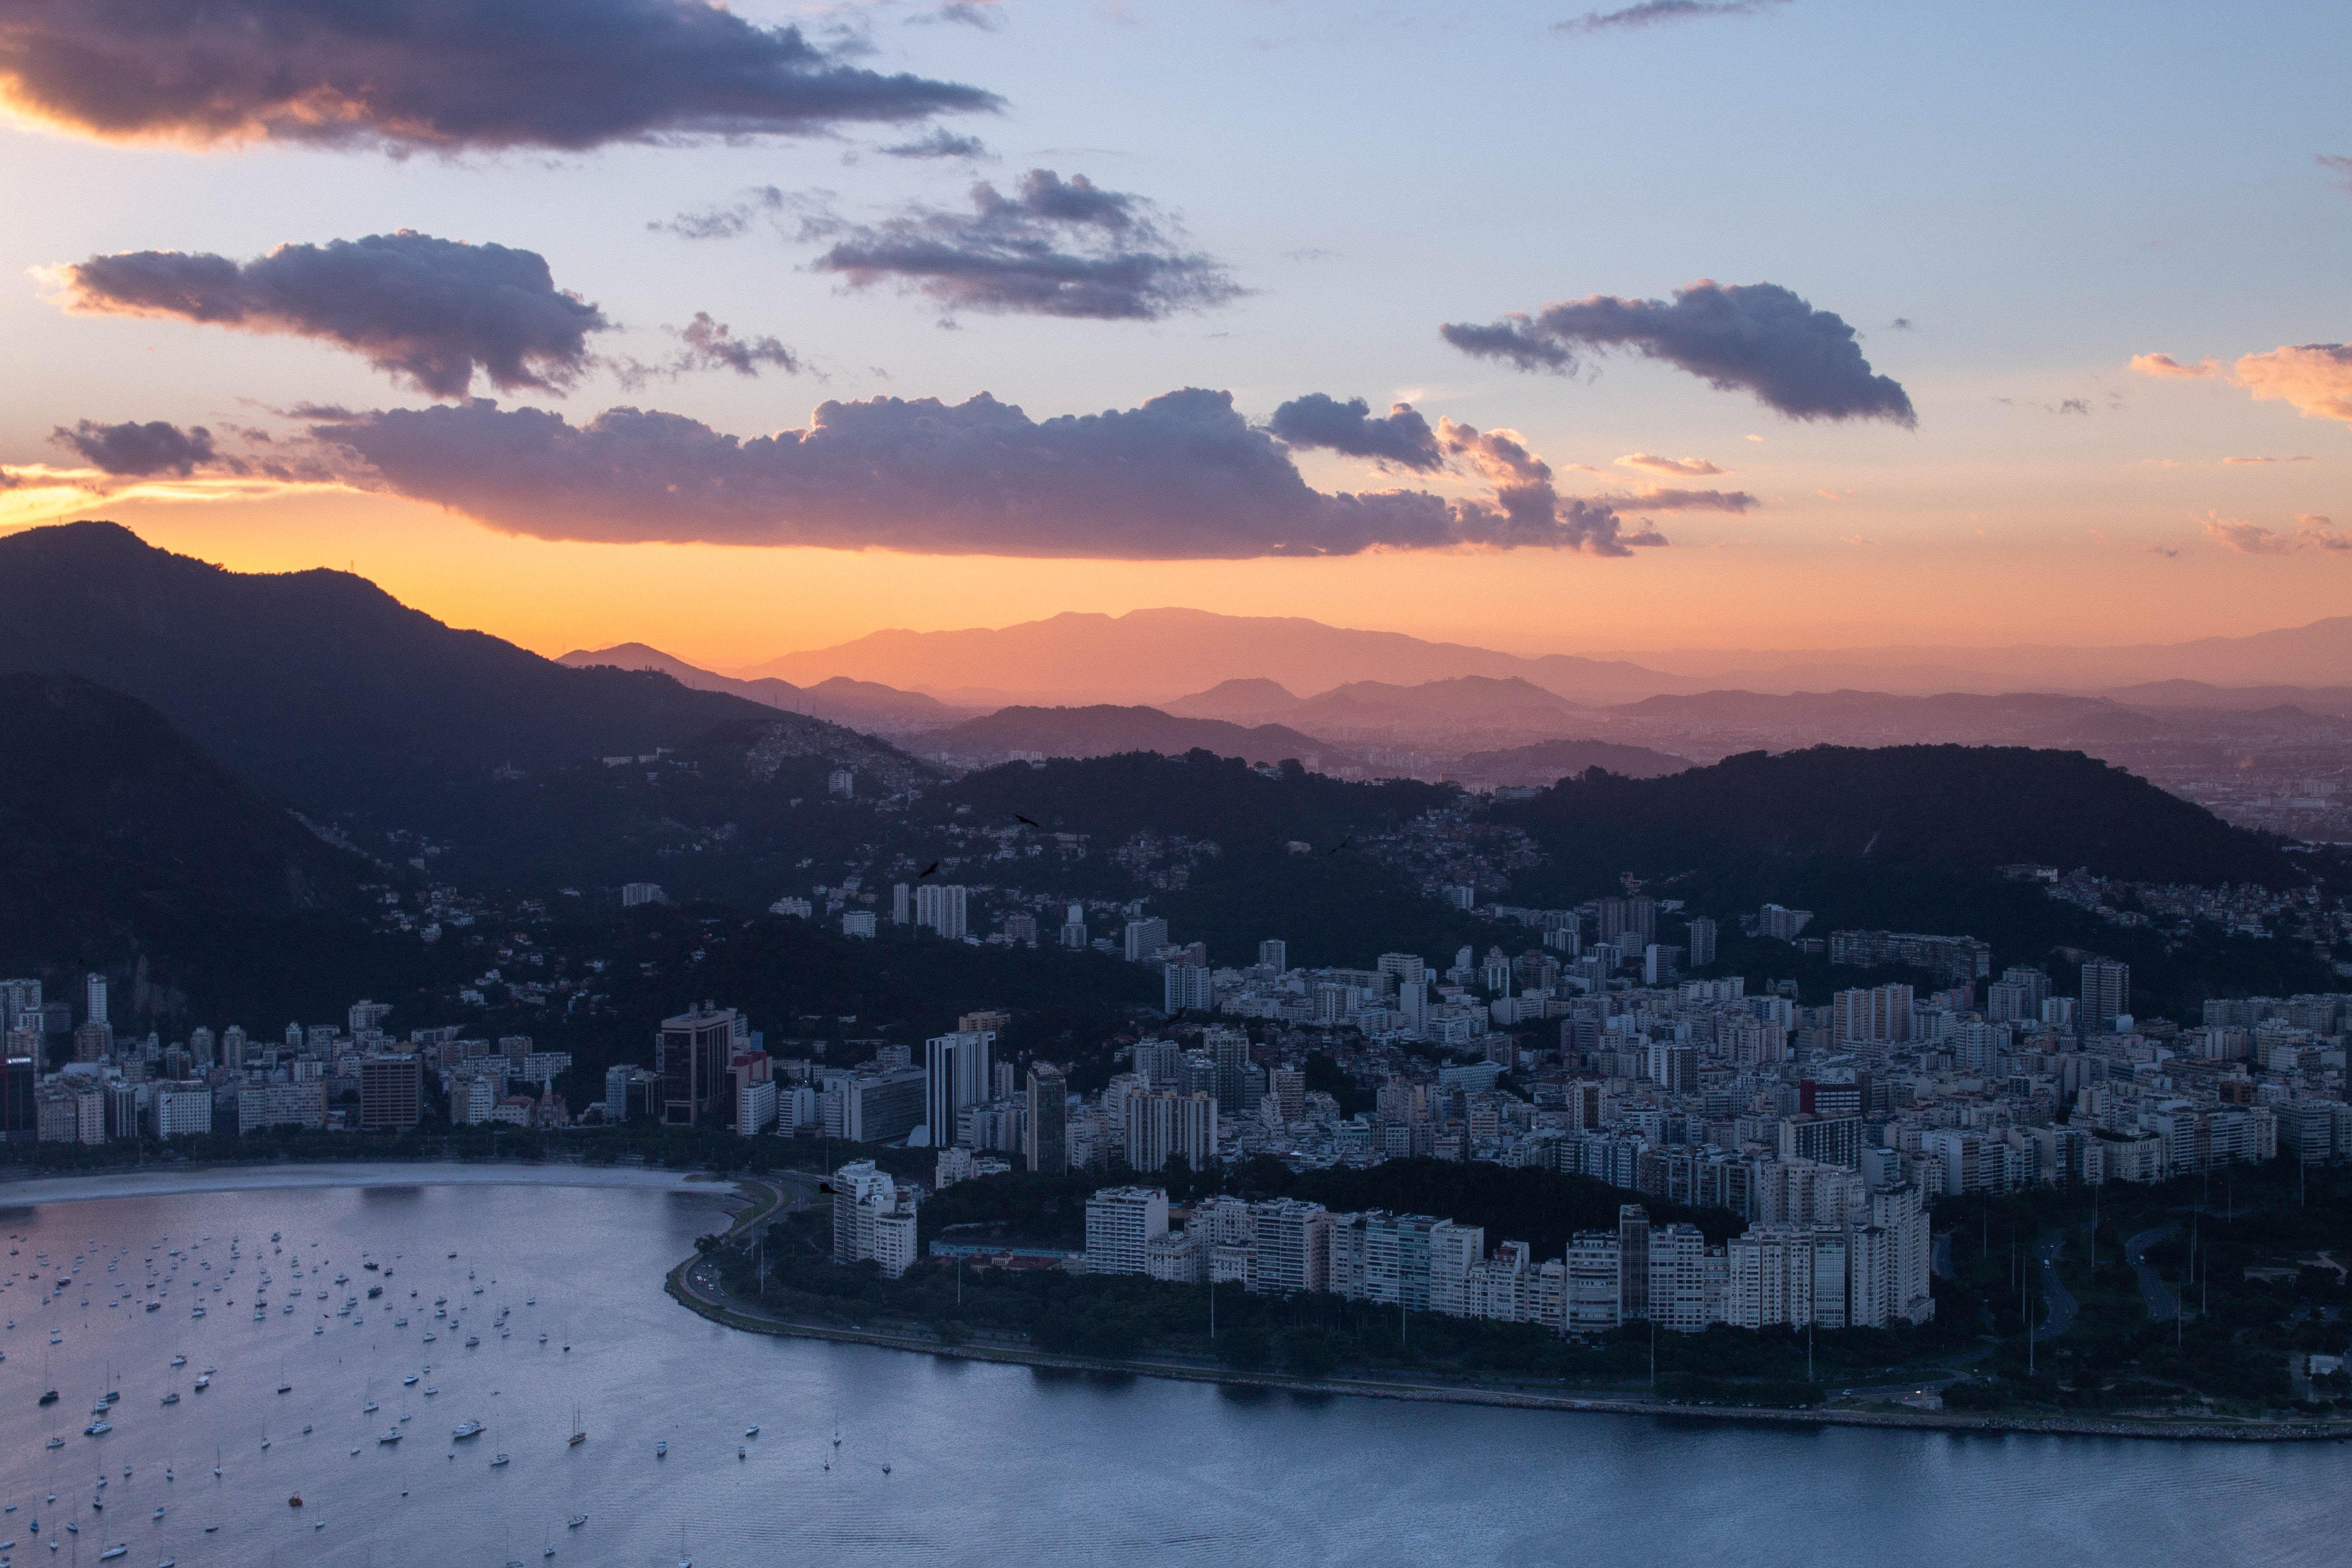 129837 Hintergrundbild 128x160 kostenlos auf deinem Handy, lade Bilder Städte, Clouds, Stadt, Blick Von Oben, Rio De Janeiro, Brasilien, Brazilien 128x160 auf dein Handy herunter